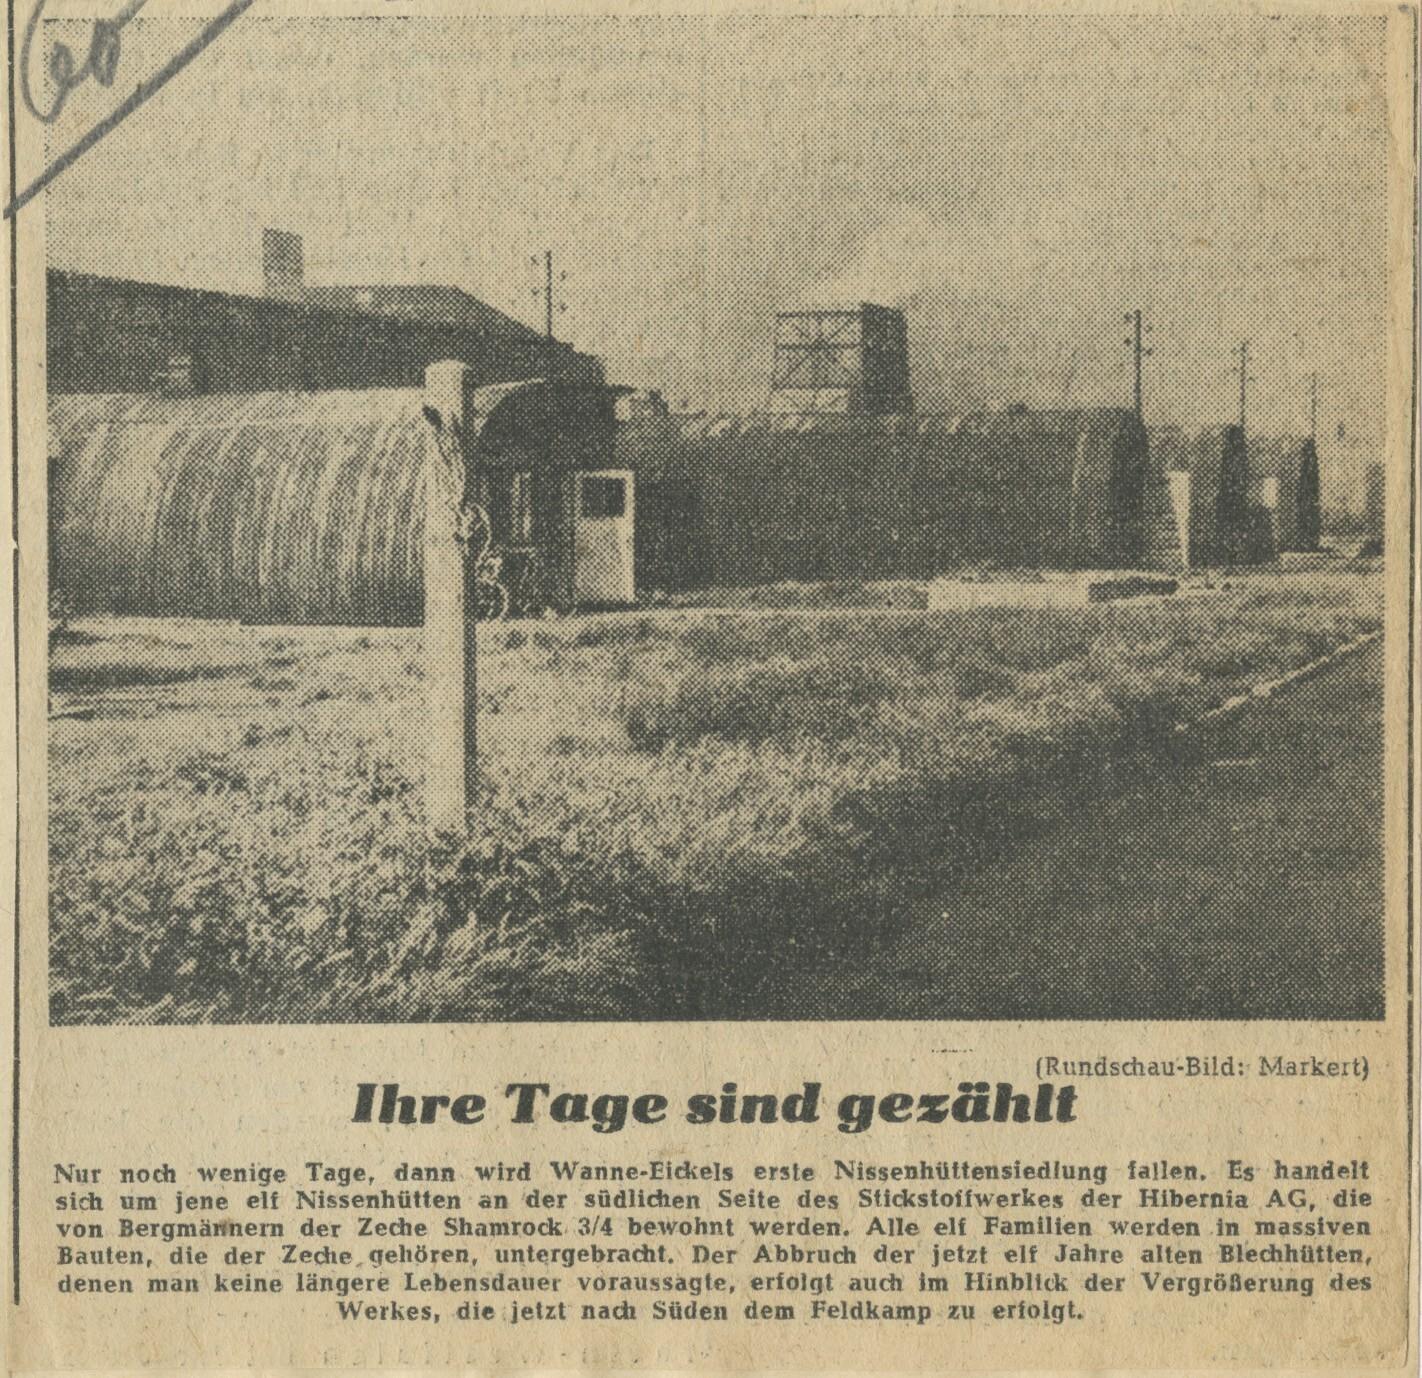 Westfälische Rundschau 25.07.1956_ Abriss Nissenhütten.jpg